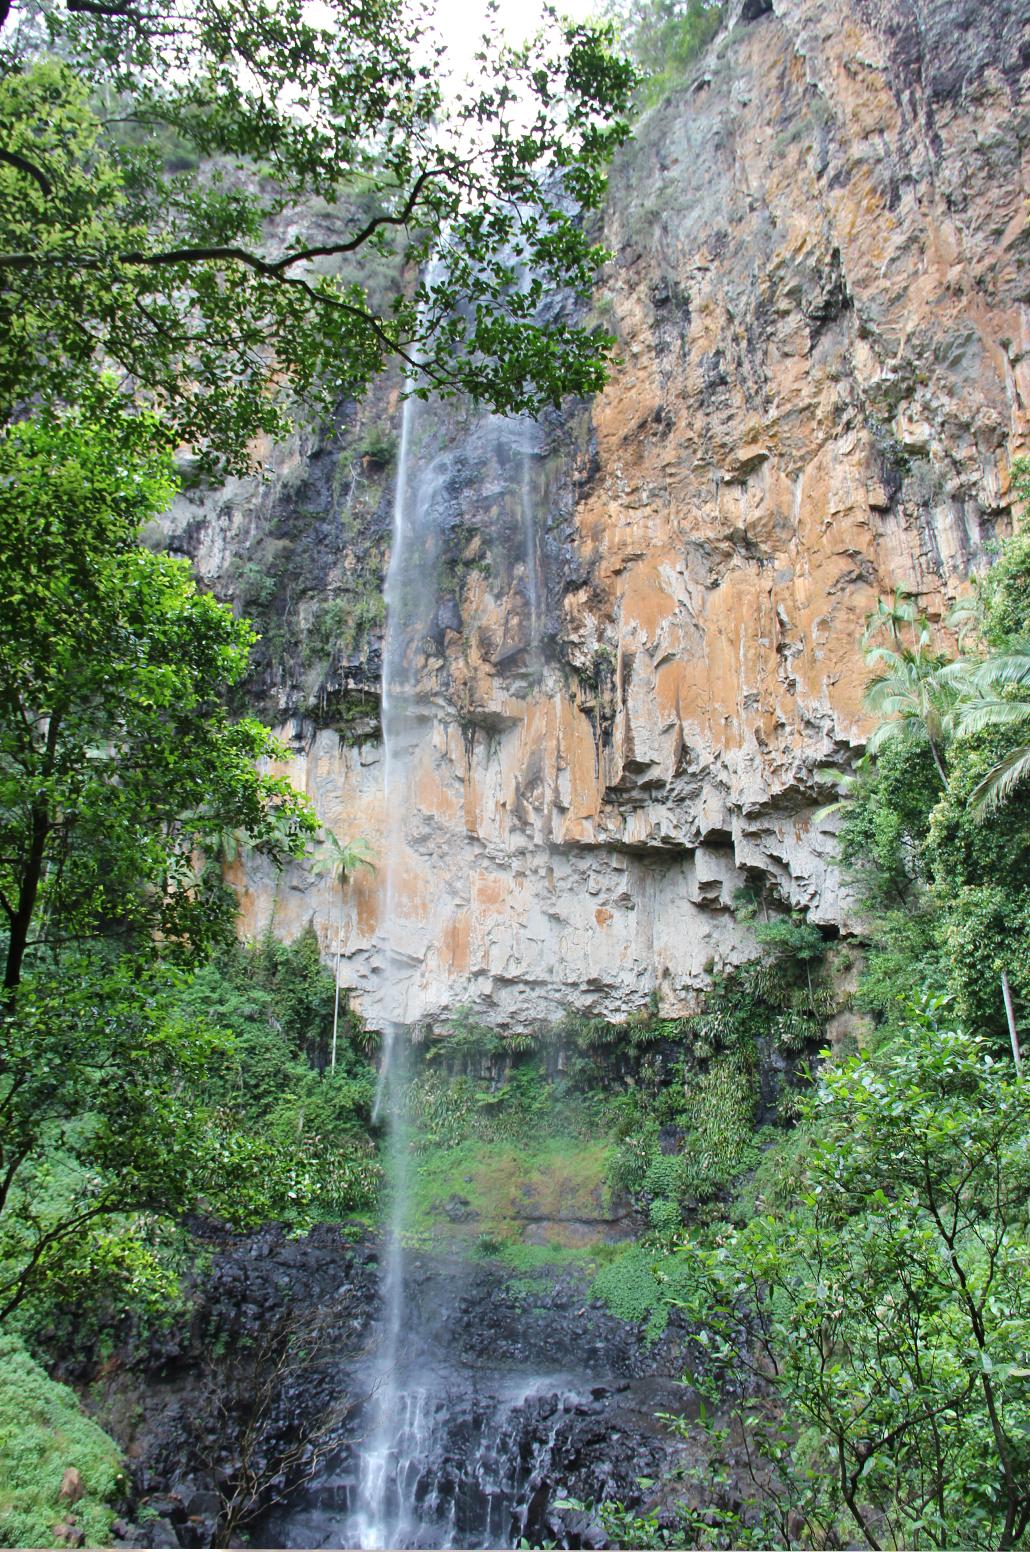 springbrook national park Little Nerang Creek gorge